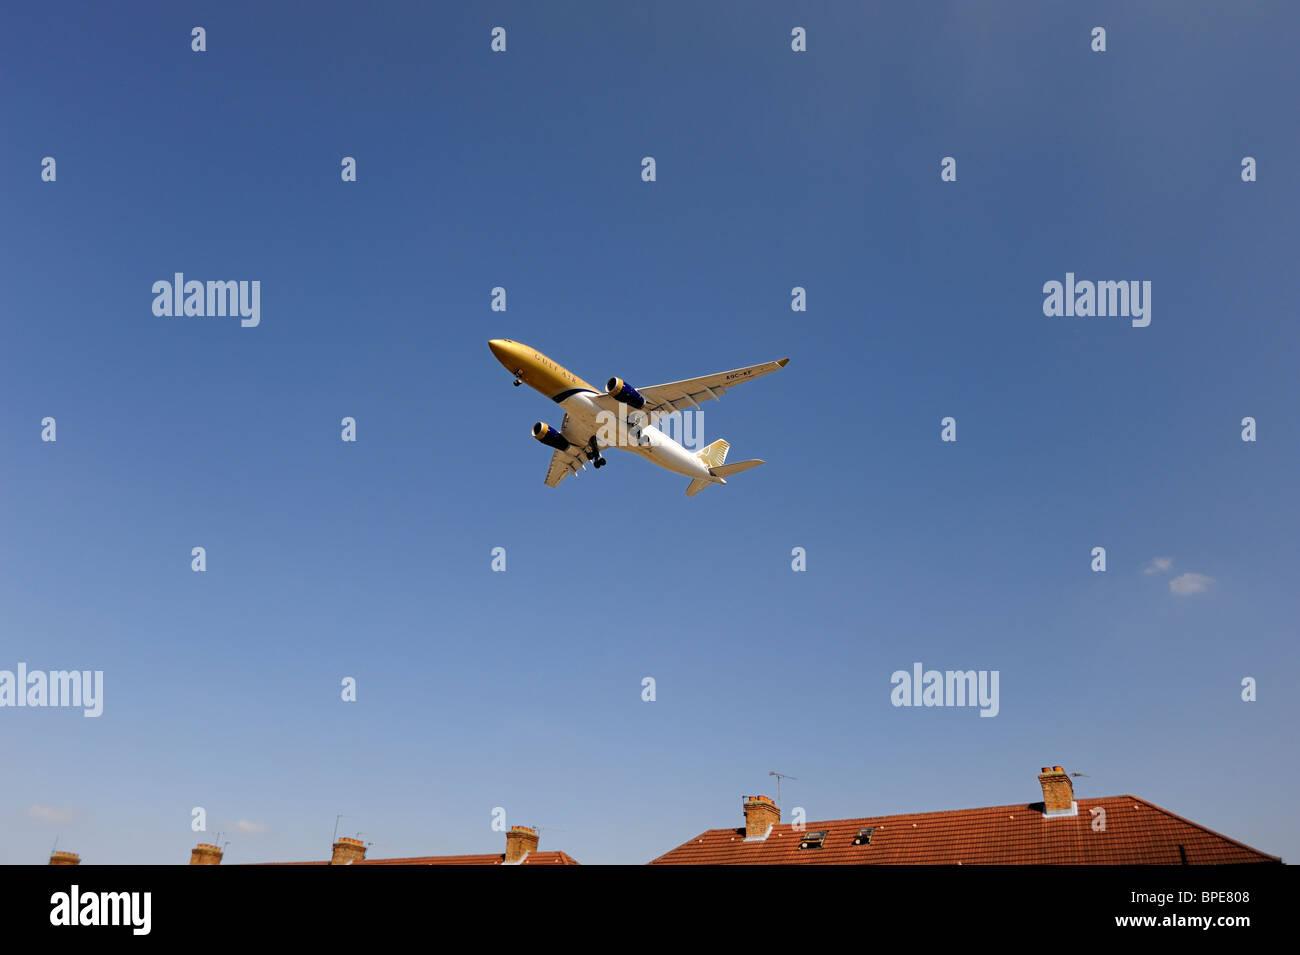 Gulf Air avión volar a baja altura en casa antes de aterrizar Imagen De Stock